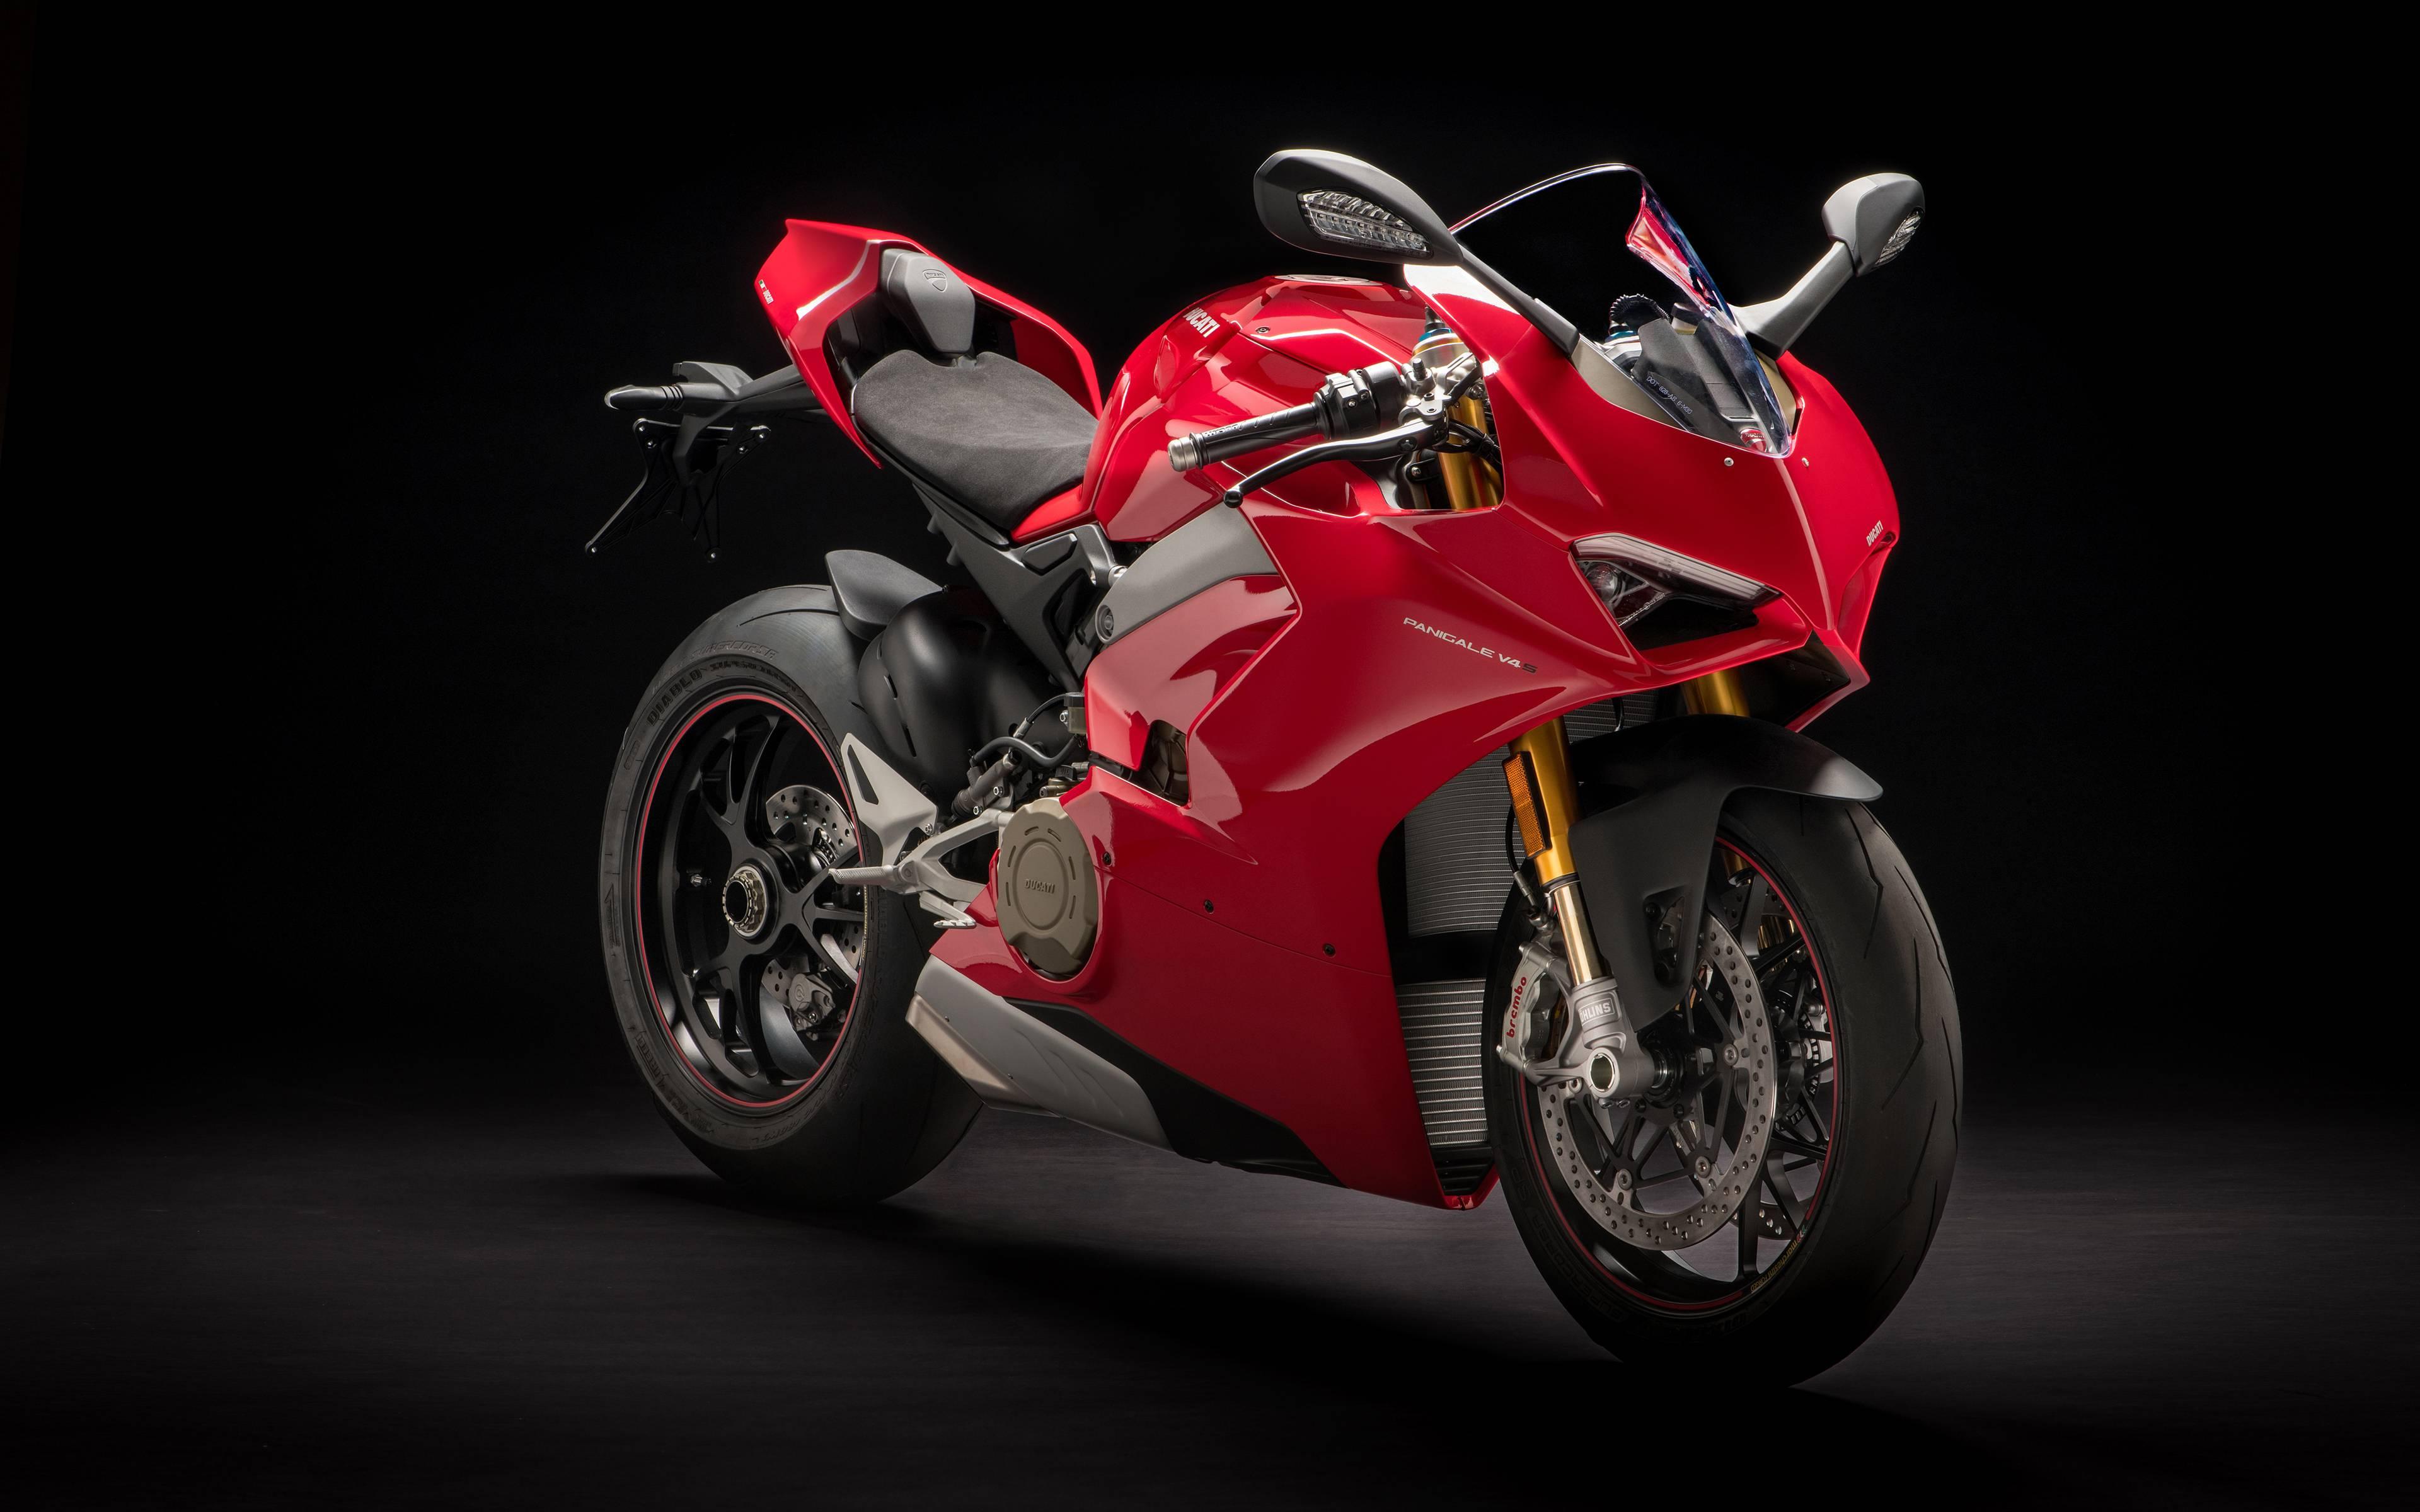 Ducati Panigale V4 S 4k 2018 Wallpaper 3840x2400